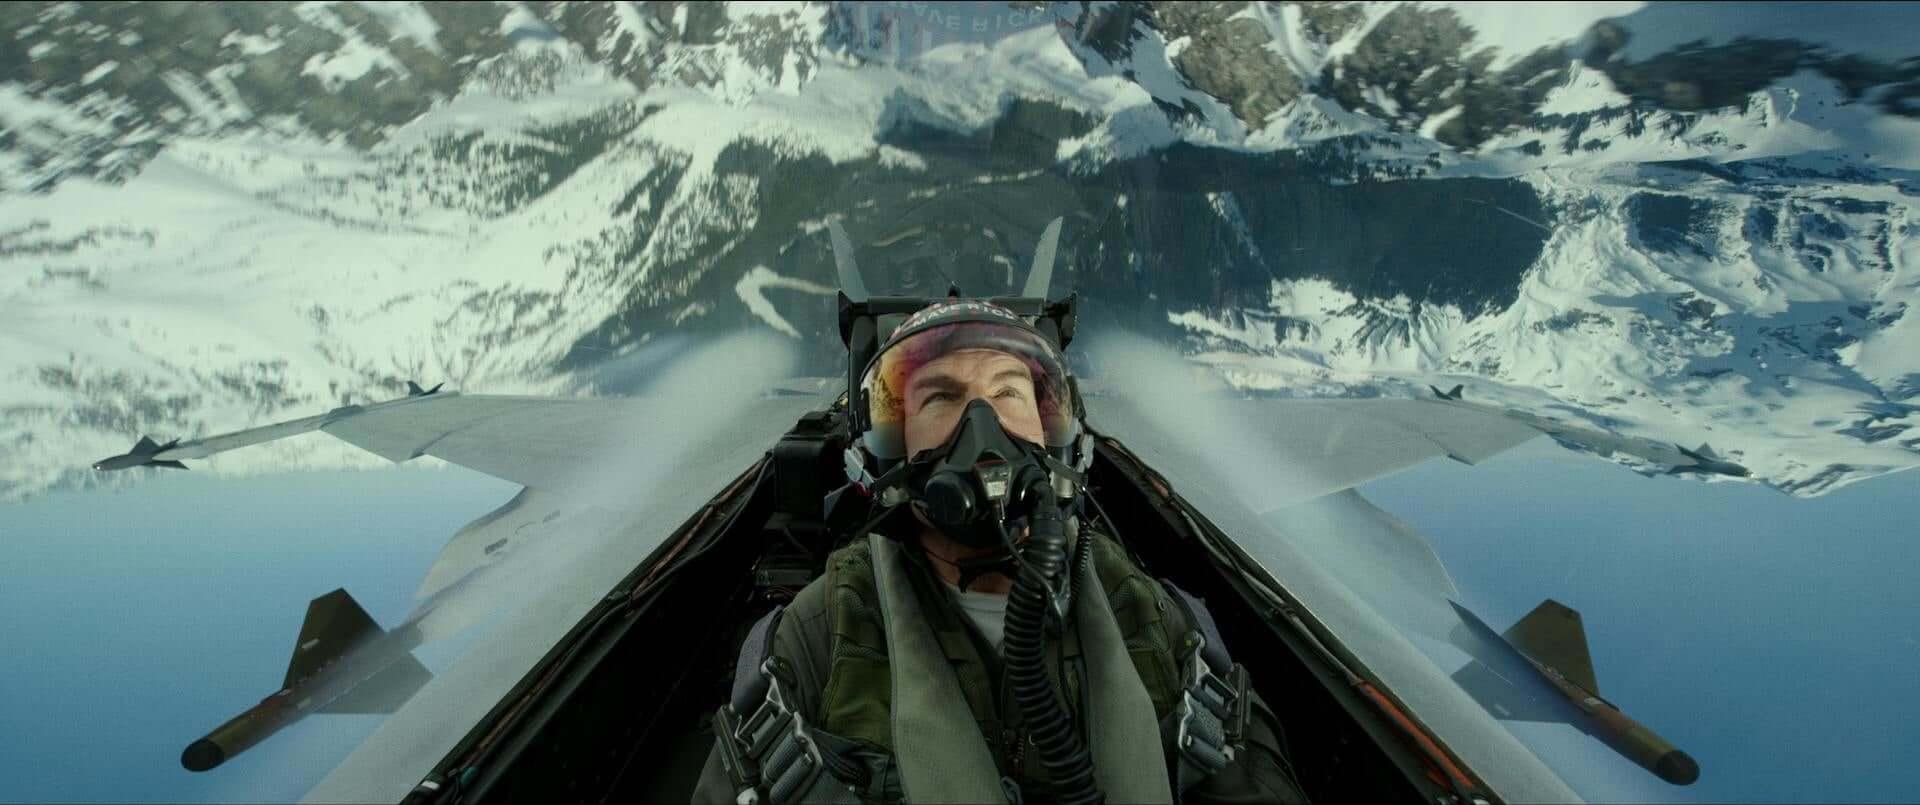 『トップガン マーヴェリック』呼吸を忘れる30秒!?トム・クルーズ演じるマーヴェリックが空を飛ぶ最新映像が解禁 film200220_topgun_2-1920x805